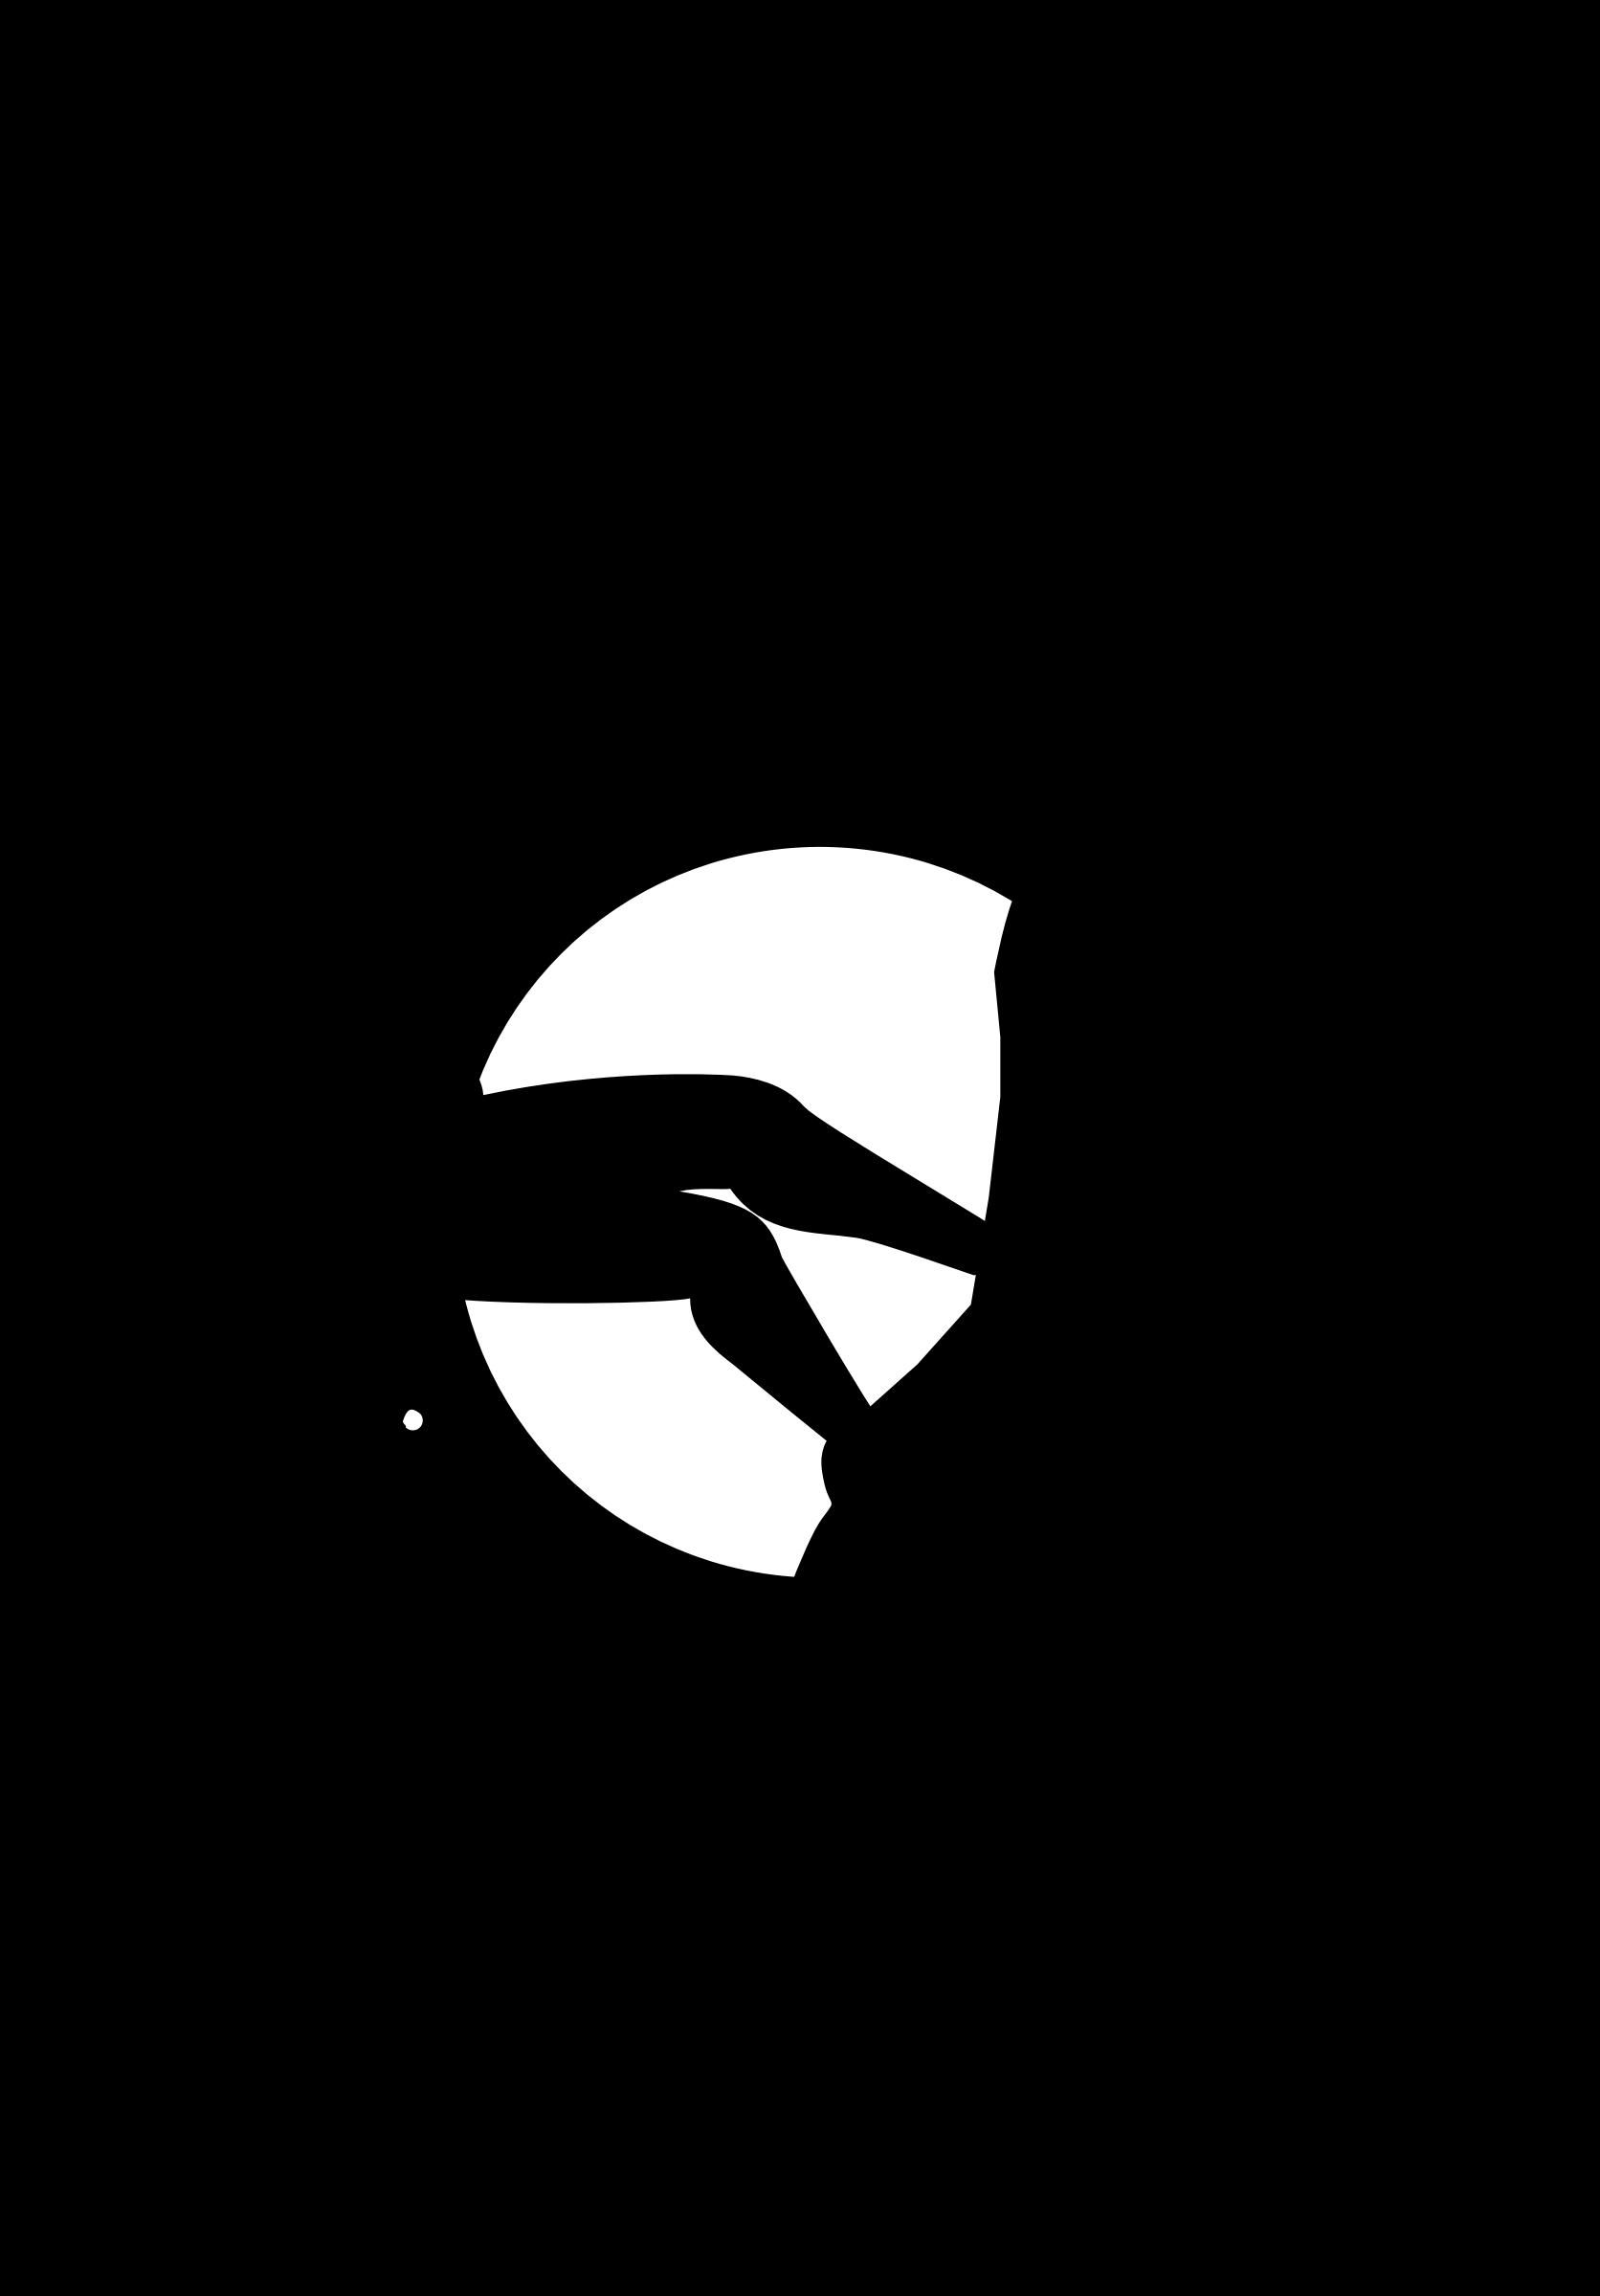 Clipart mountain bitmap. Climber clip art net